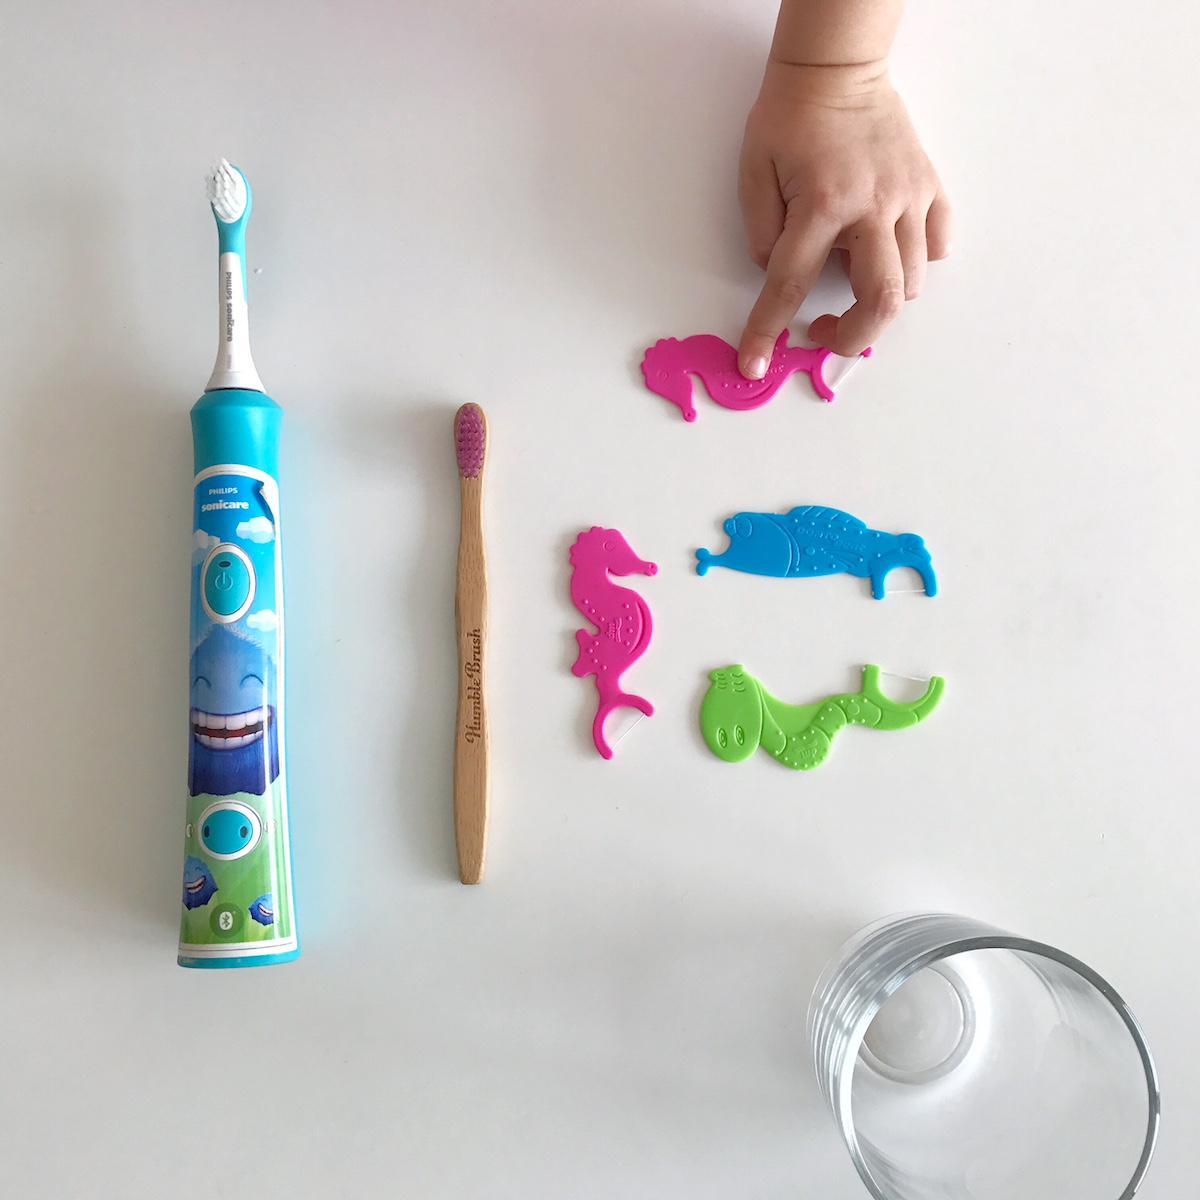 kozmetika otroci najstniki čiščenje zob